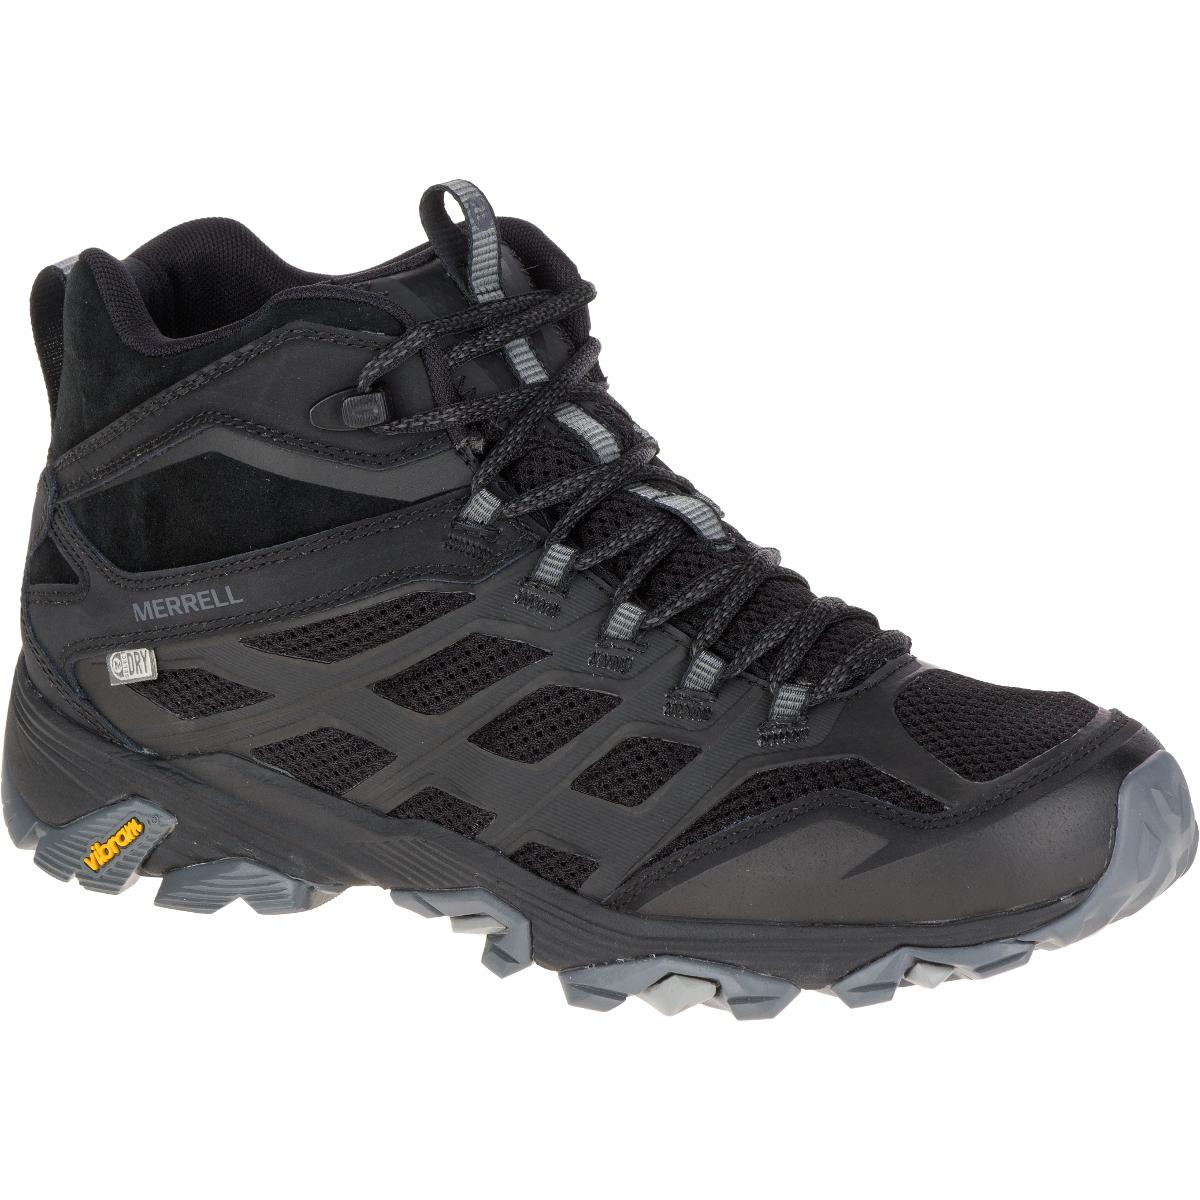 Merrell Men's Moab Fst Mid Waterproof Hiking Boots, Noire - Black, 10